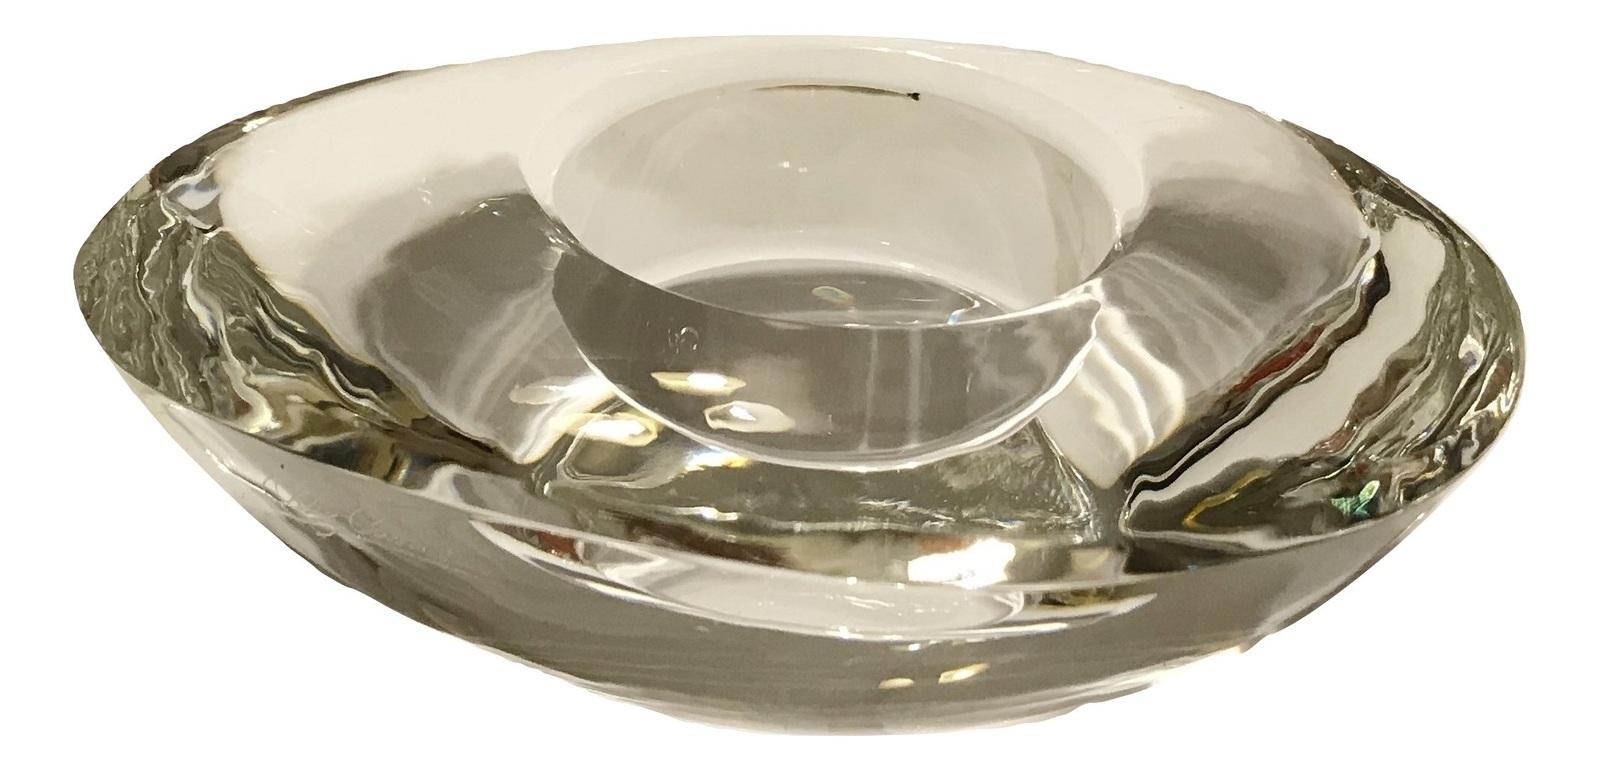 Oleg Cassini Pebble Beach Crystal Votive image 3